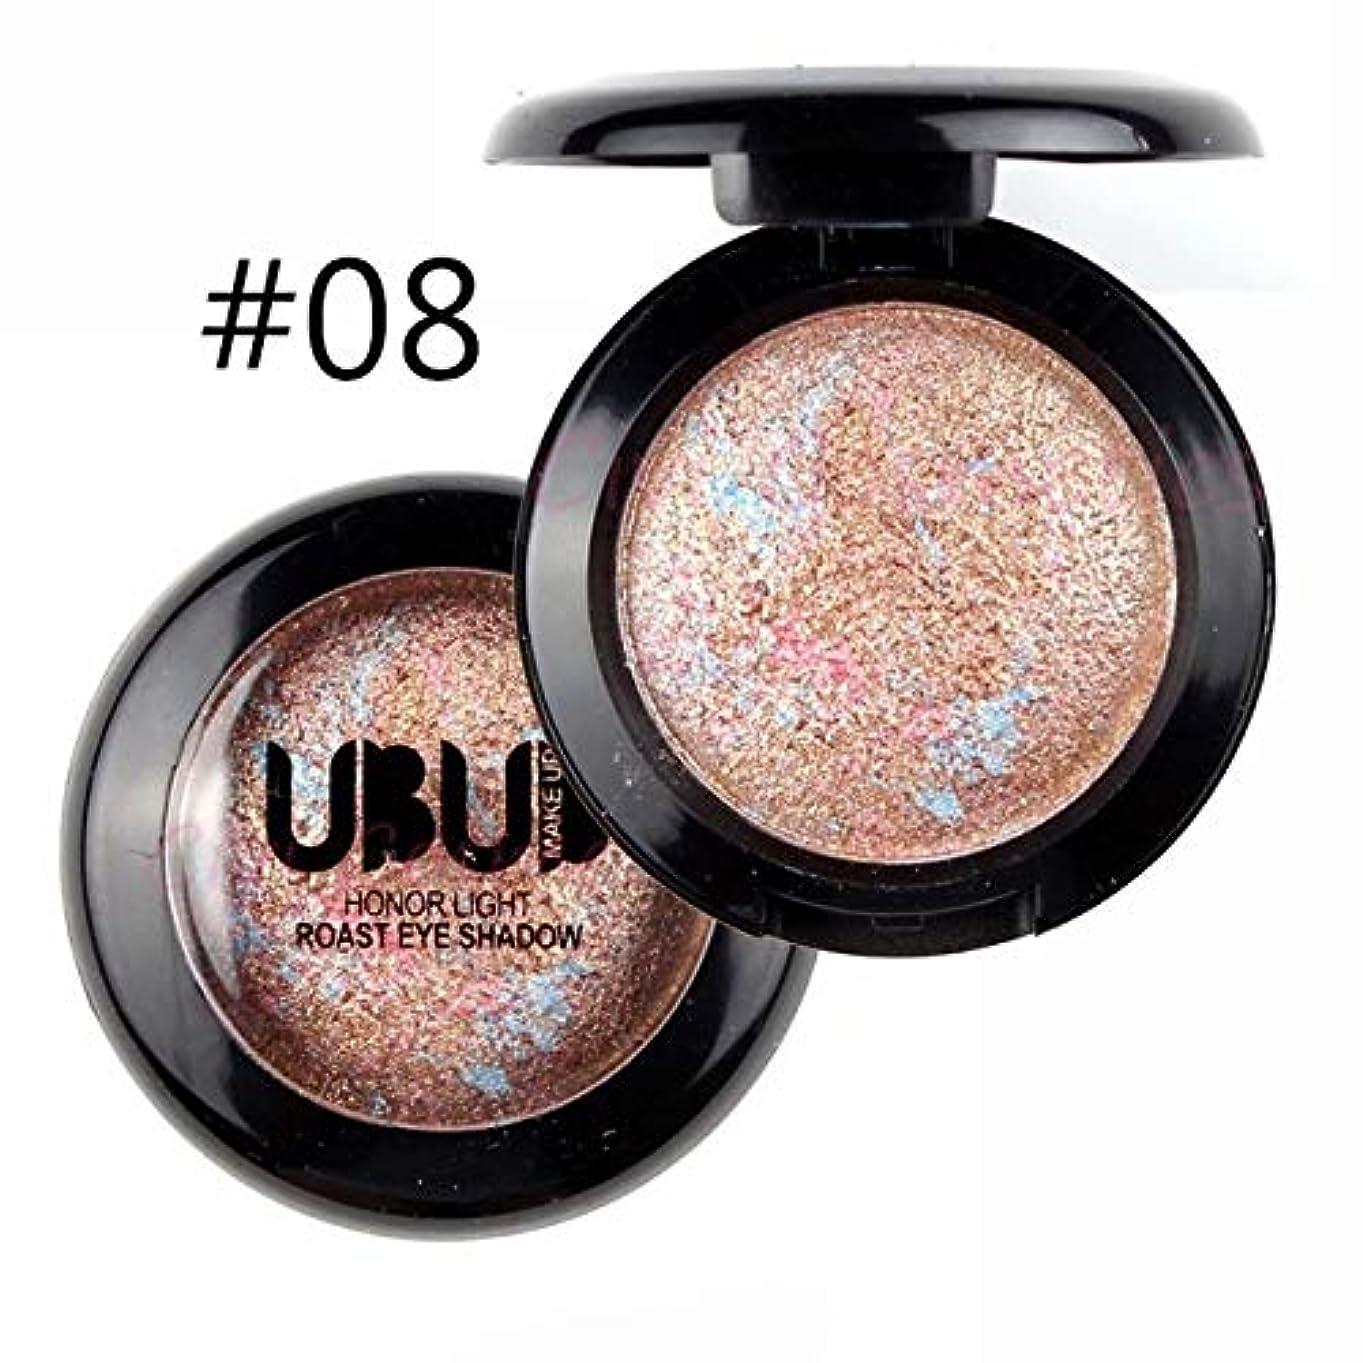 曲げる敷居統治する美容アクセサリー UBUB 3 PCS Professionalヌードアイシャドウパレットメイクアップマットアイシャドー(01真珠光沢) 写真美容アクセサリー (色 : 08 Gold bronze)